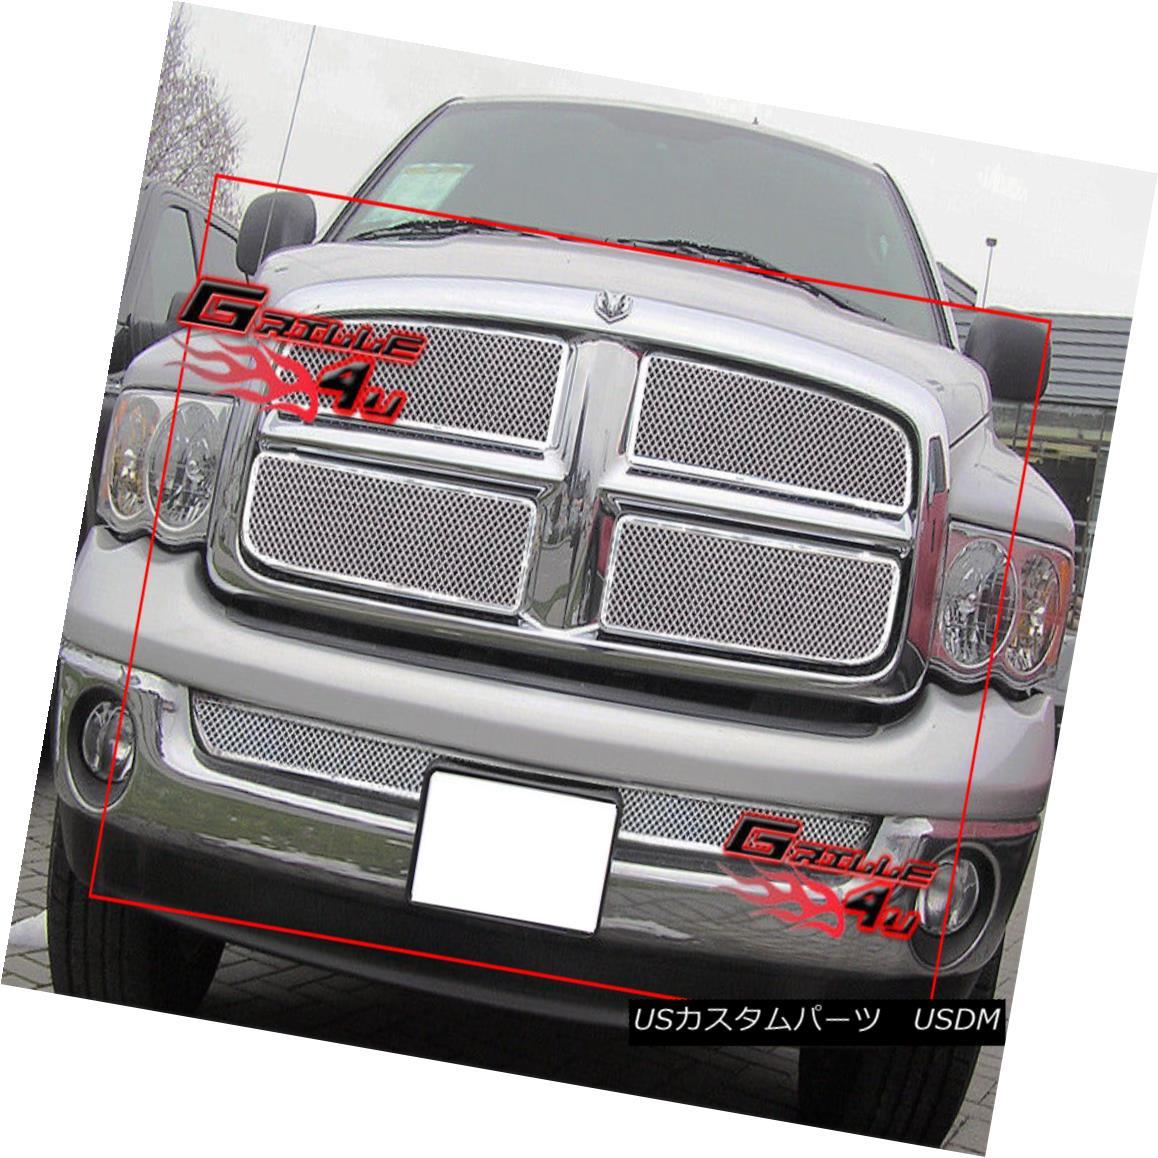 グリル Fits 2002-2005 Dodge Ram Stainless Steel Mesh Grille Combo 2002-2005 Dodge Ramステンレスメッシュグリルコンボに適合